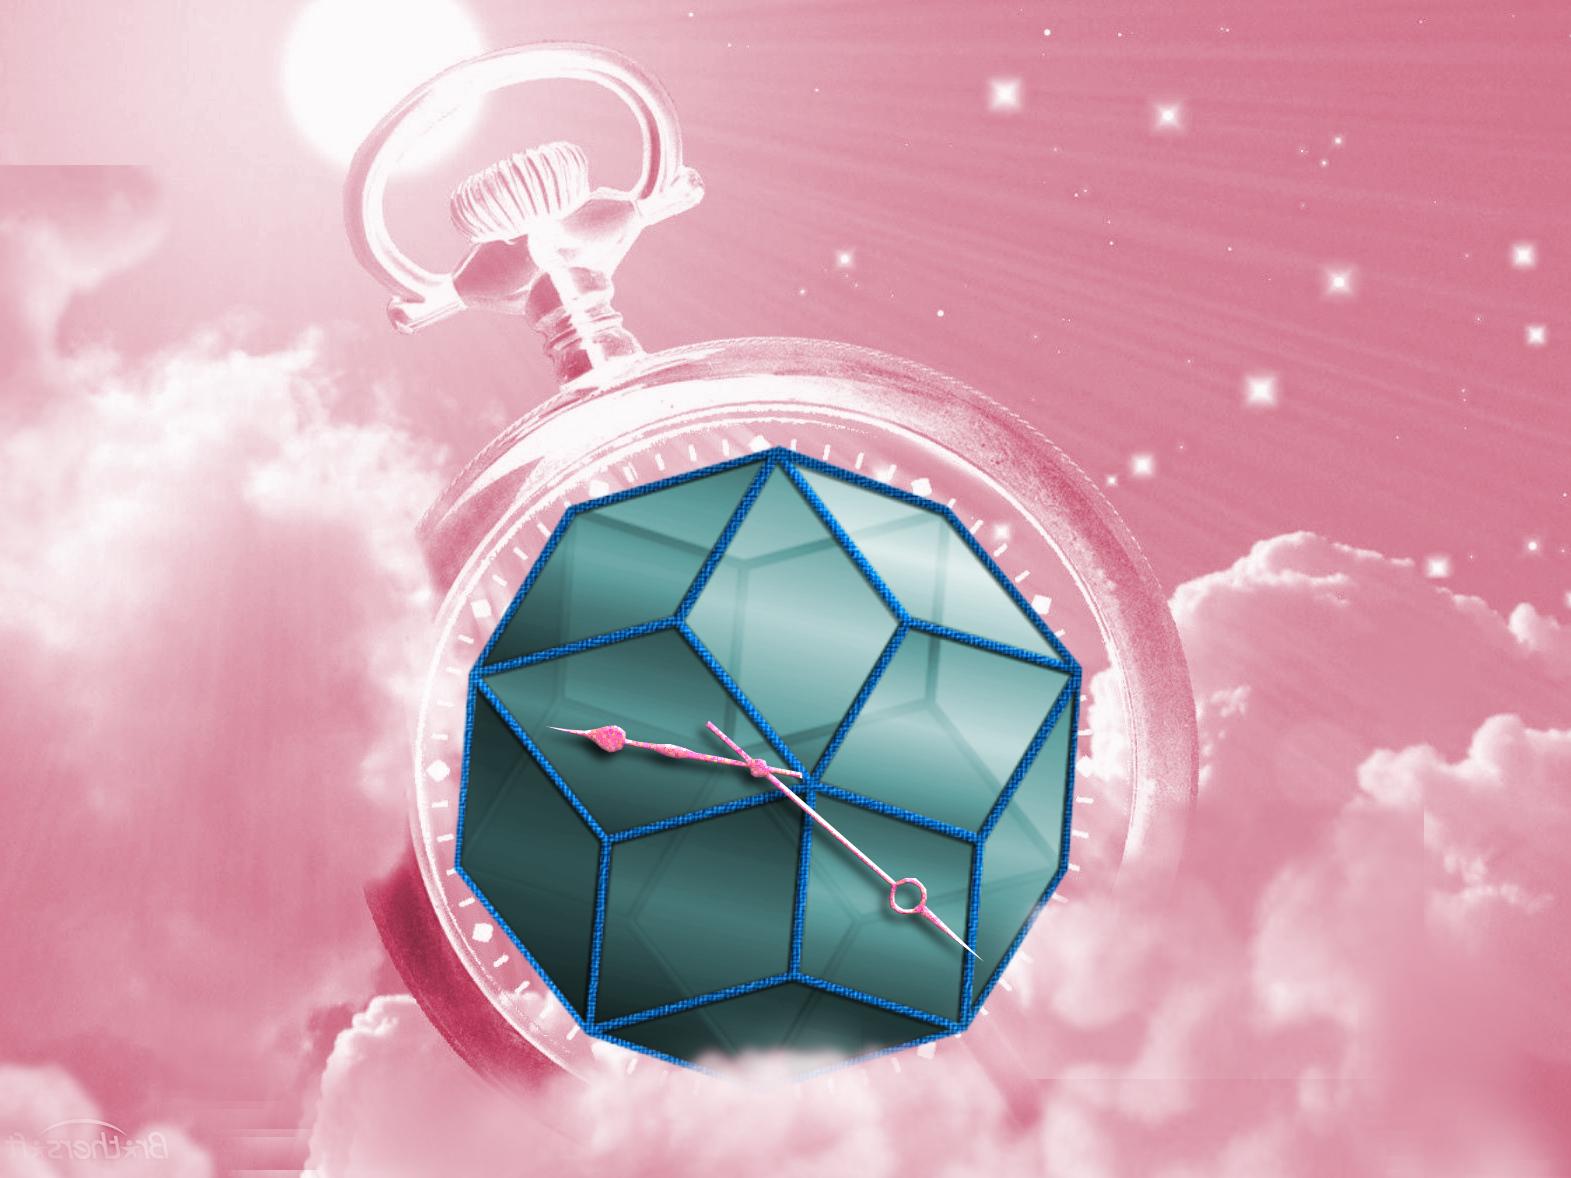 Icosaedro rombico ESCAPE='HTML'